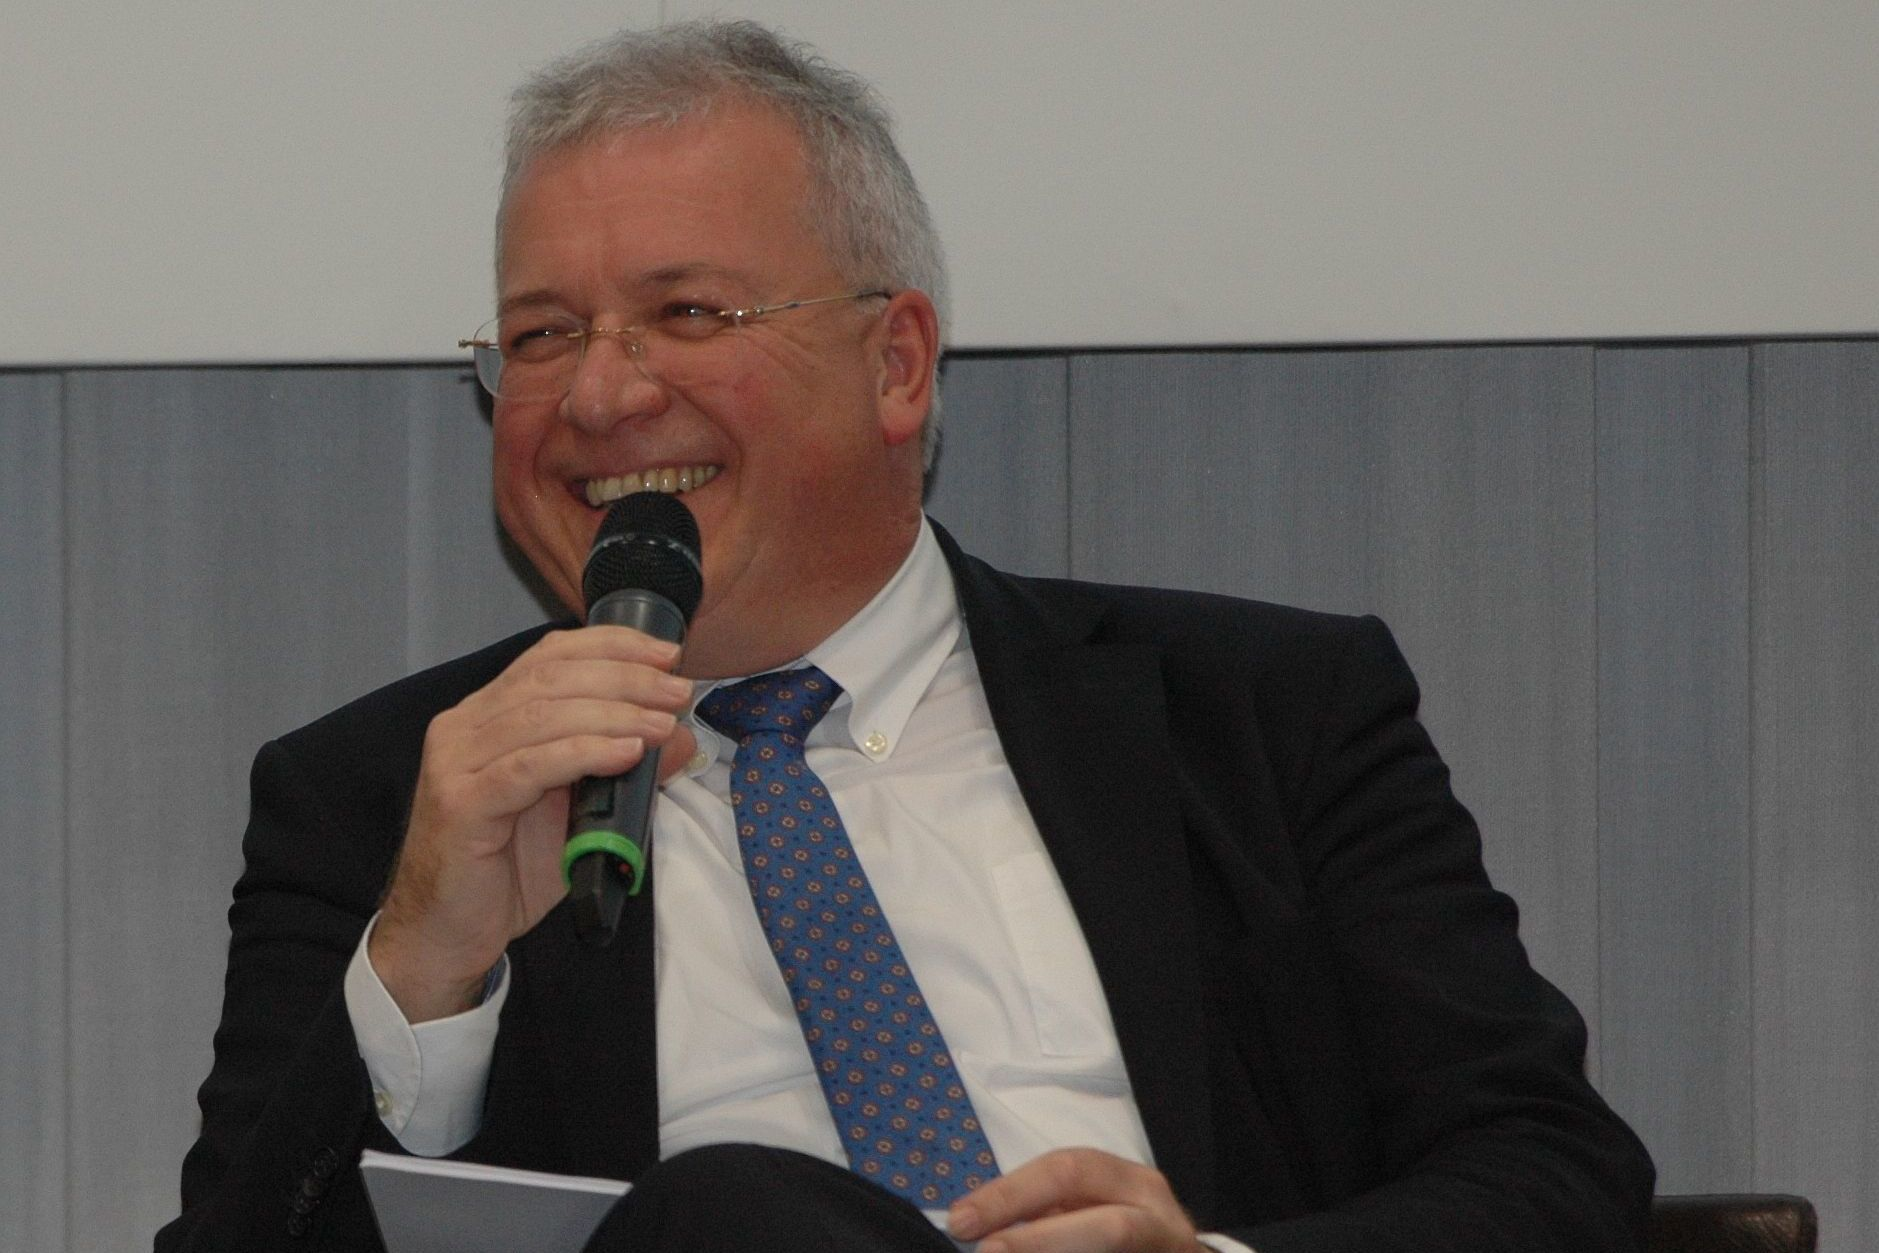 Markus Ferber, MdEP, ist seit 1994 Mitglied des Europäischen Parlaments und seit 2018 Koordinator der EVP-Fraktion im Ausschuss für Wirtschaft und Währung.